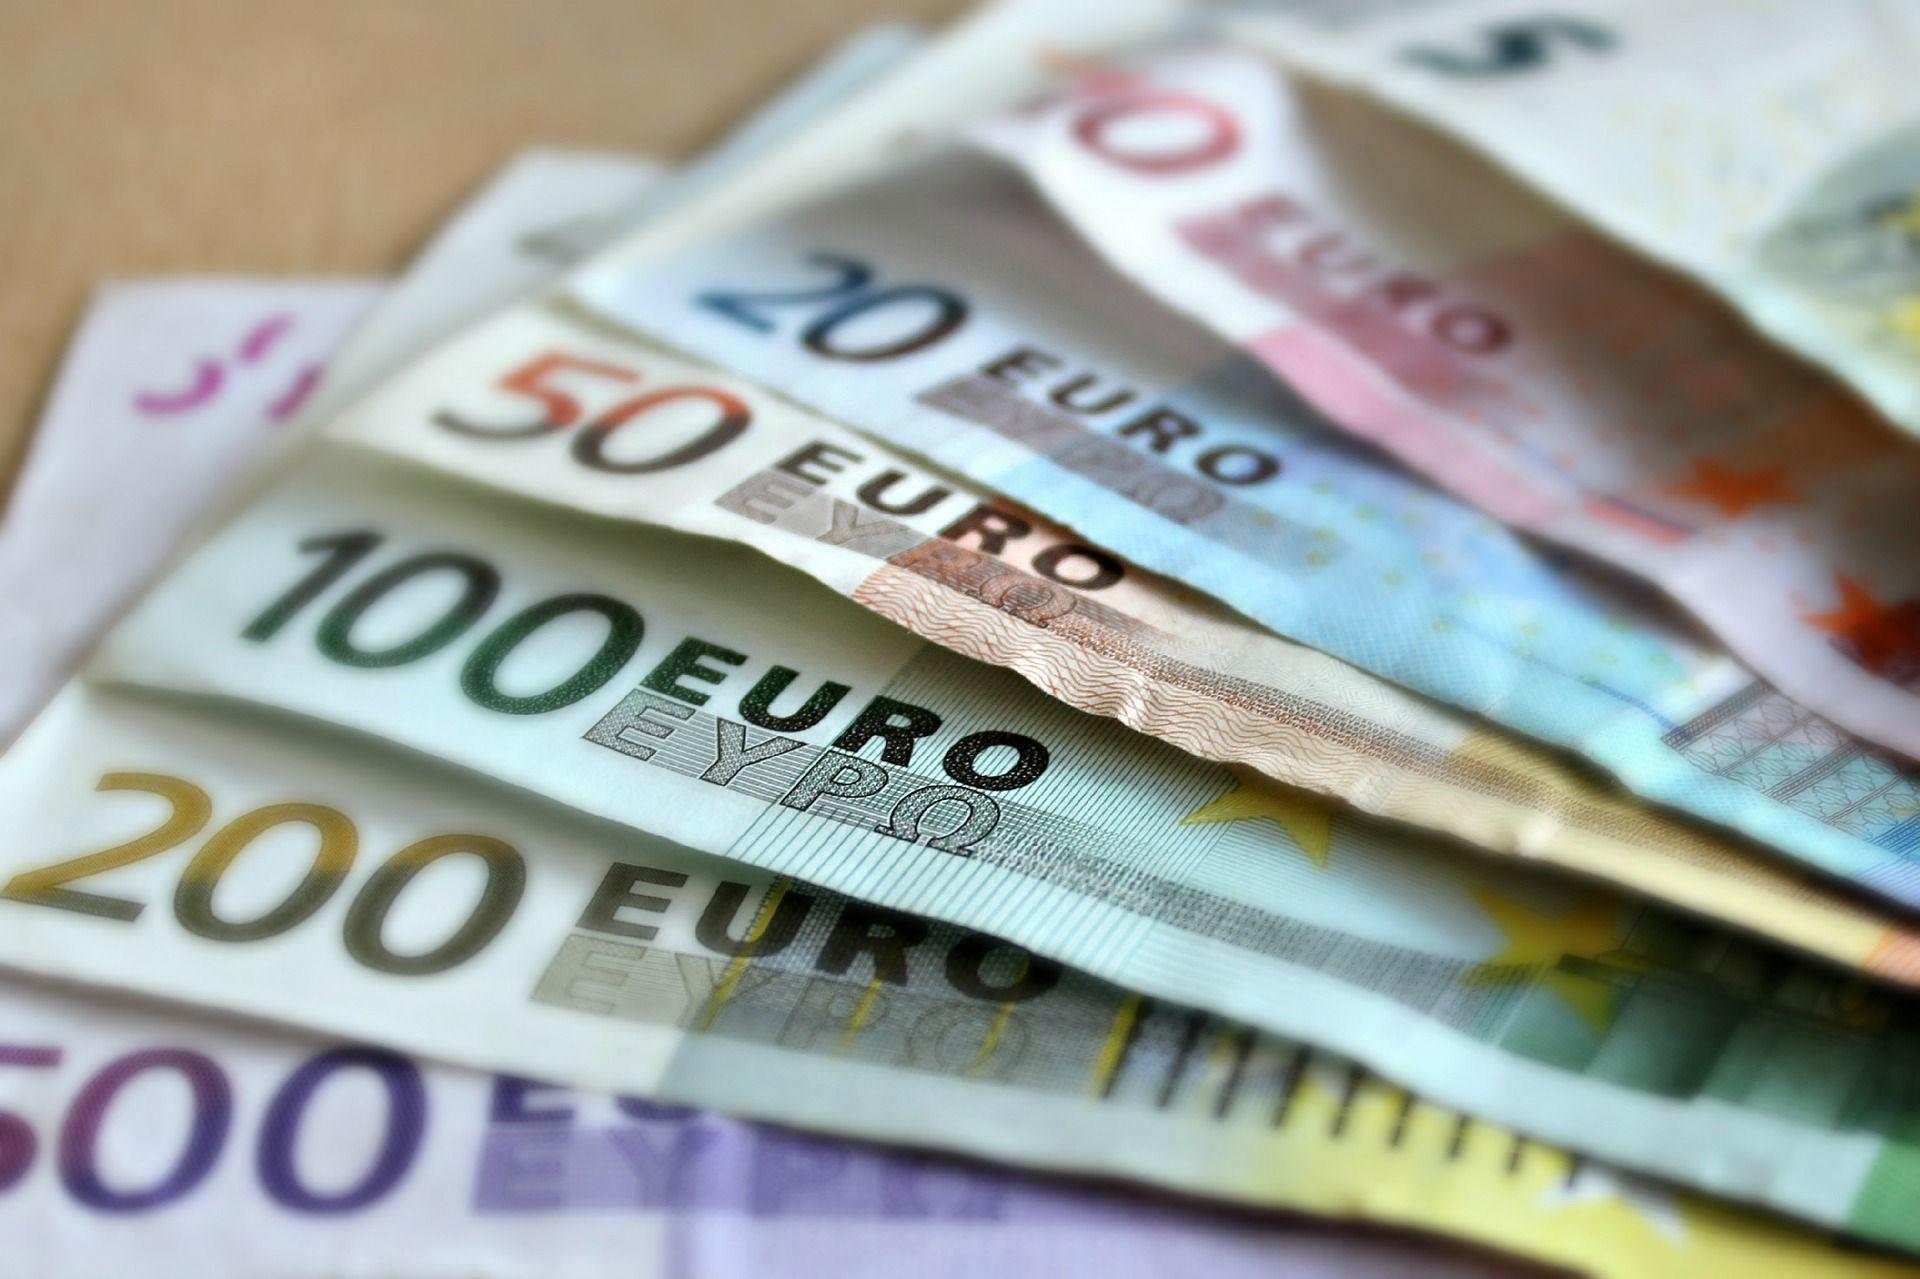 ПриватБанк освободился от«дефолтного» рейтинга— Fitch